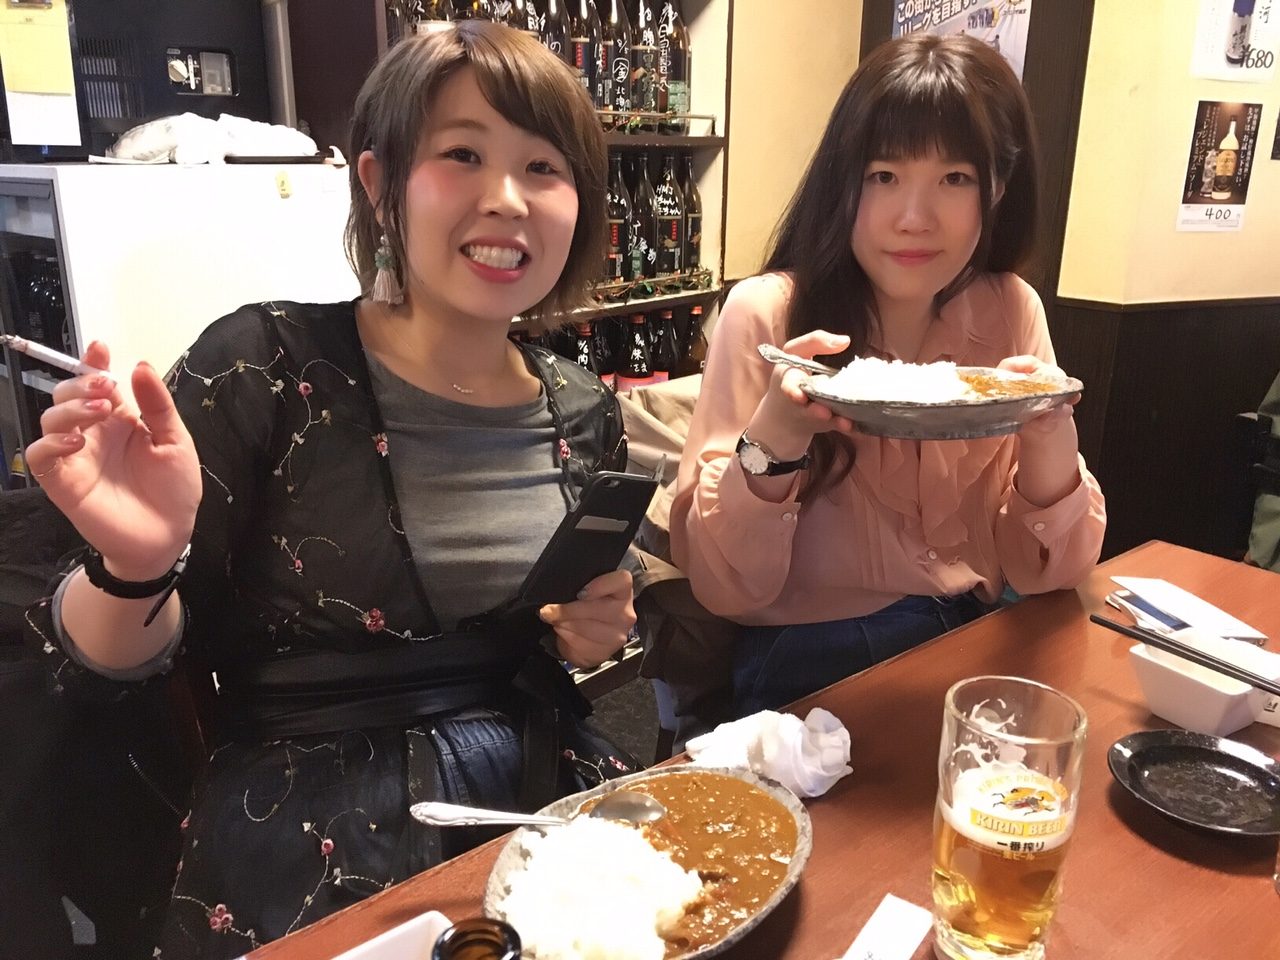 十条 カレー総選挙【JUJOリンピック】